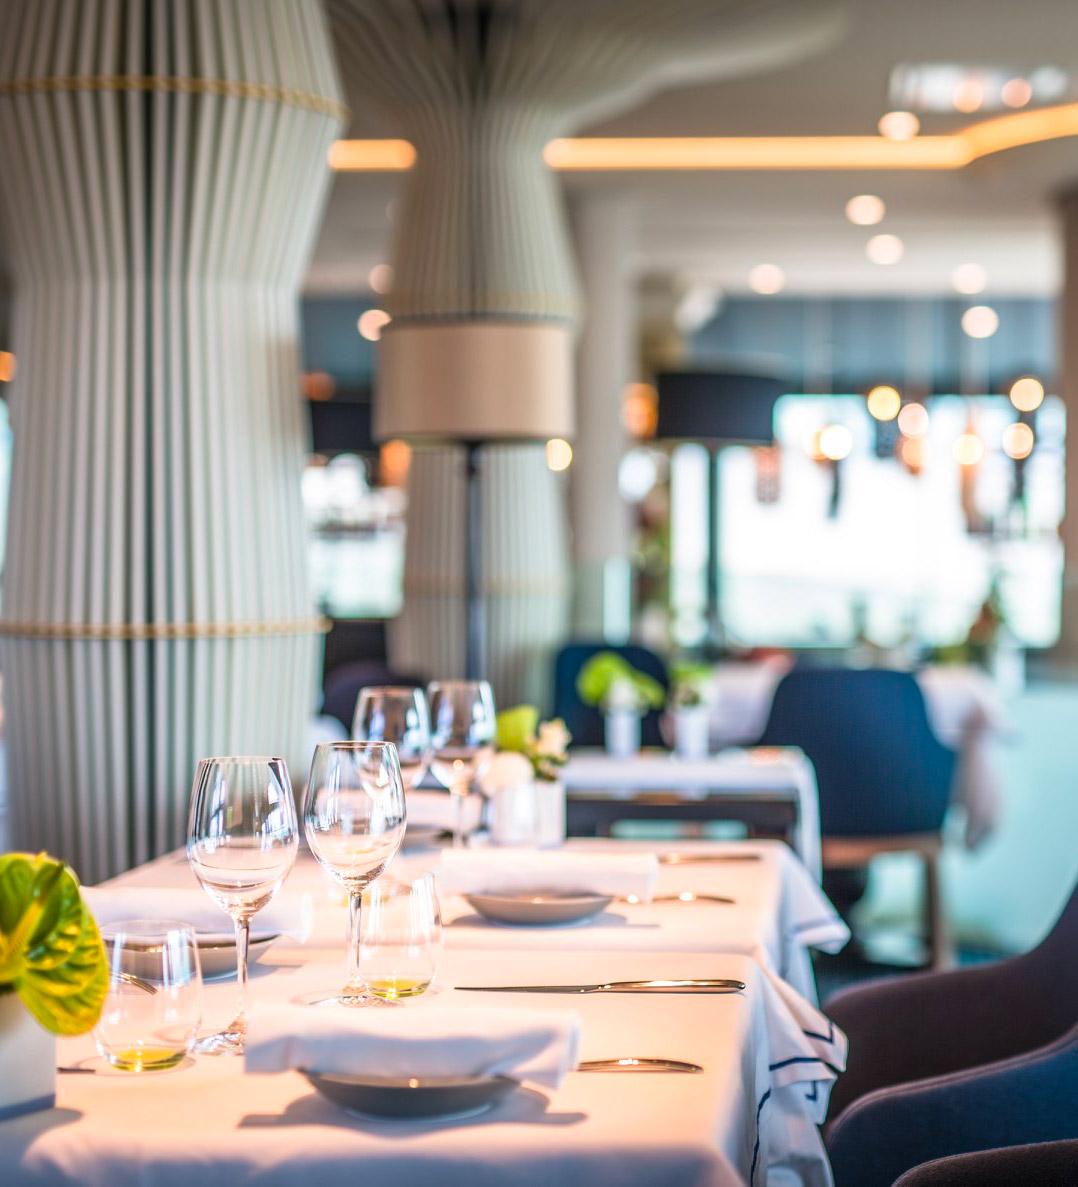 Réalisation du projet de rénovation et d'architecture d'intérieur du restaurant Gaya de Châtelaillon-Plage